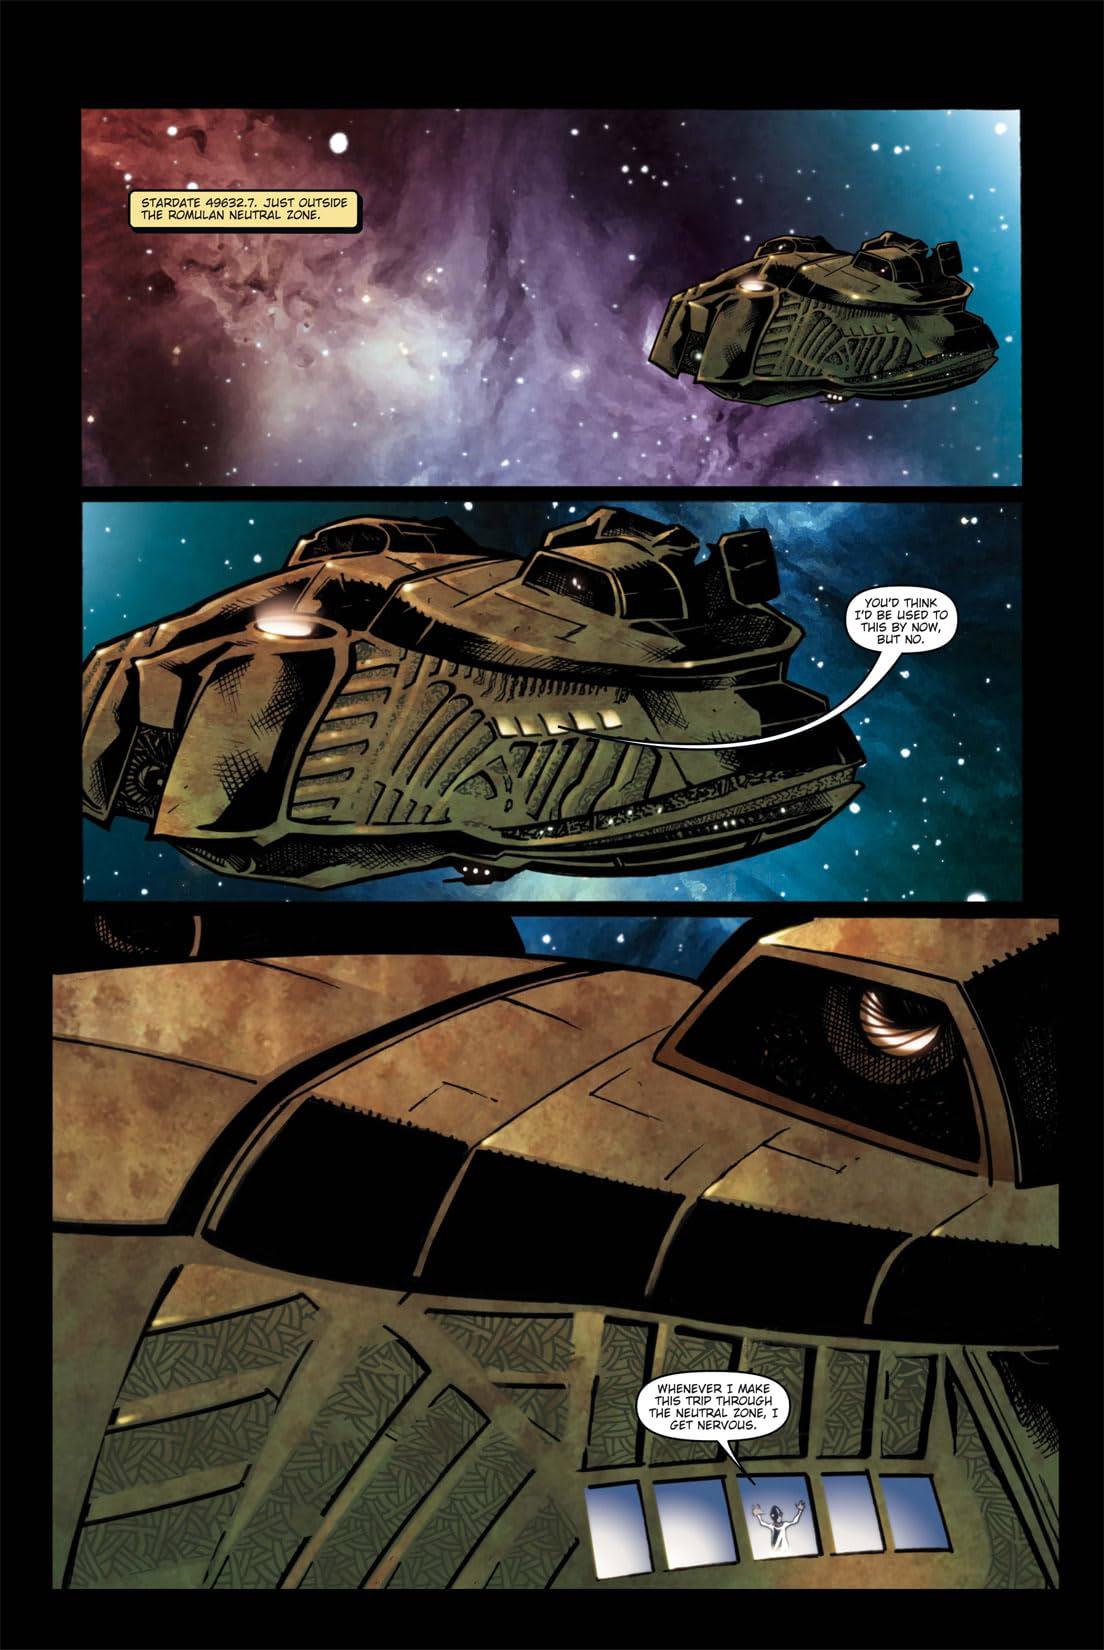 Star Trek: Spock Reflections #1